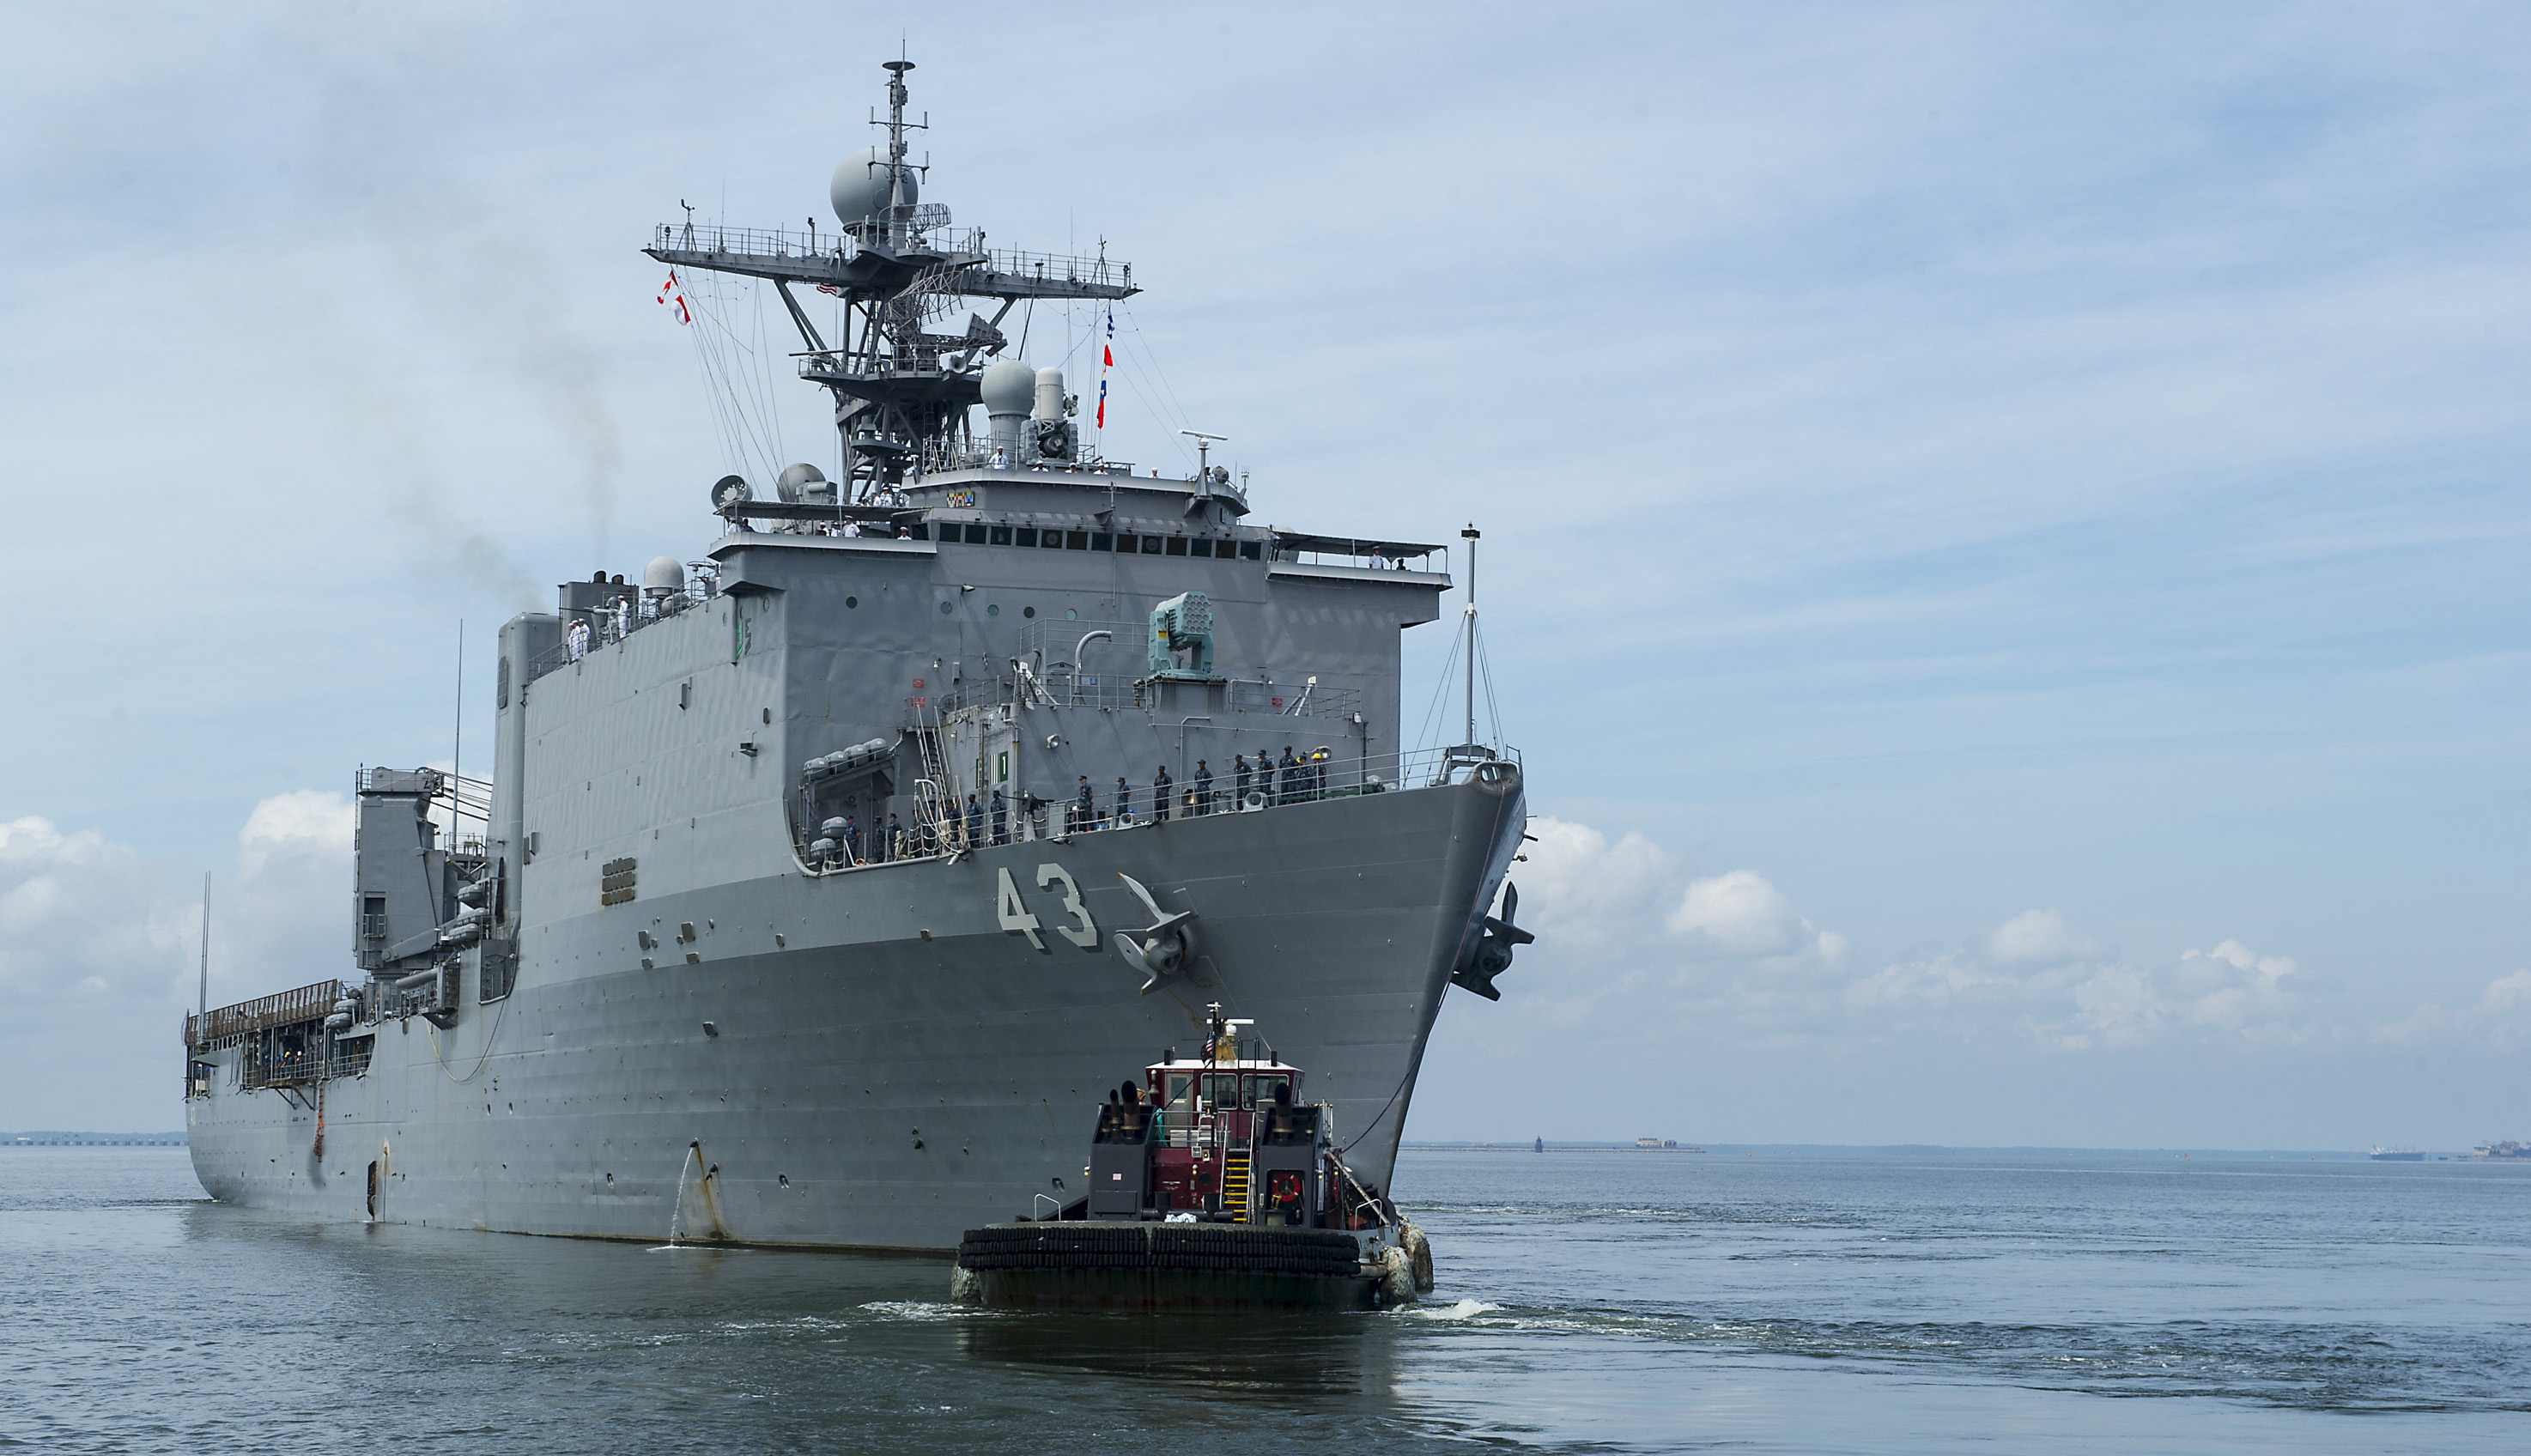 USS FORT McHENRY LSD-43 Auslaufen Norfolk 04.08.2014 Bild: U.S. Navy